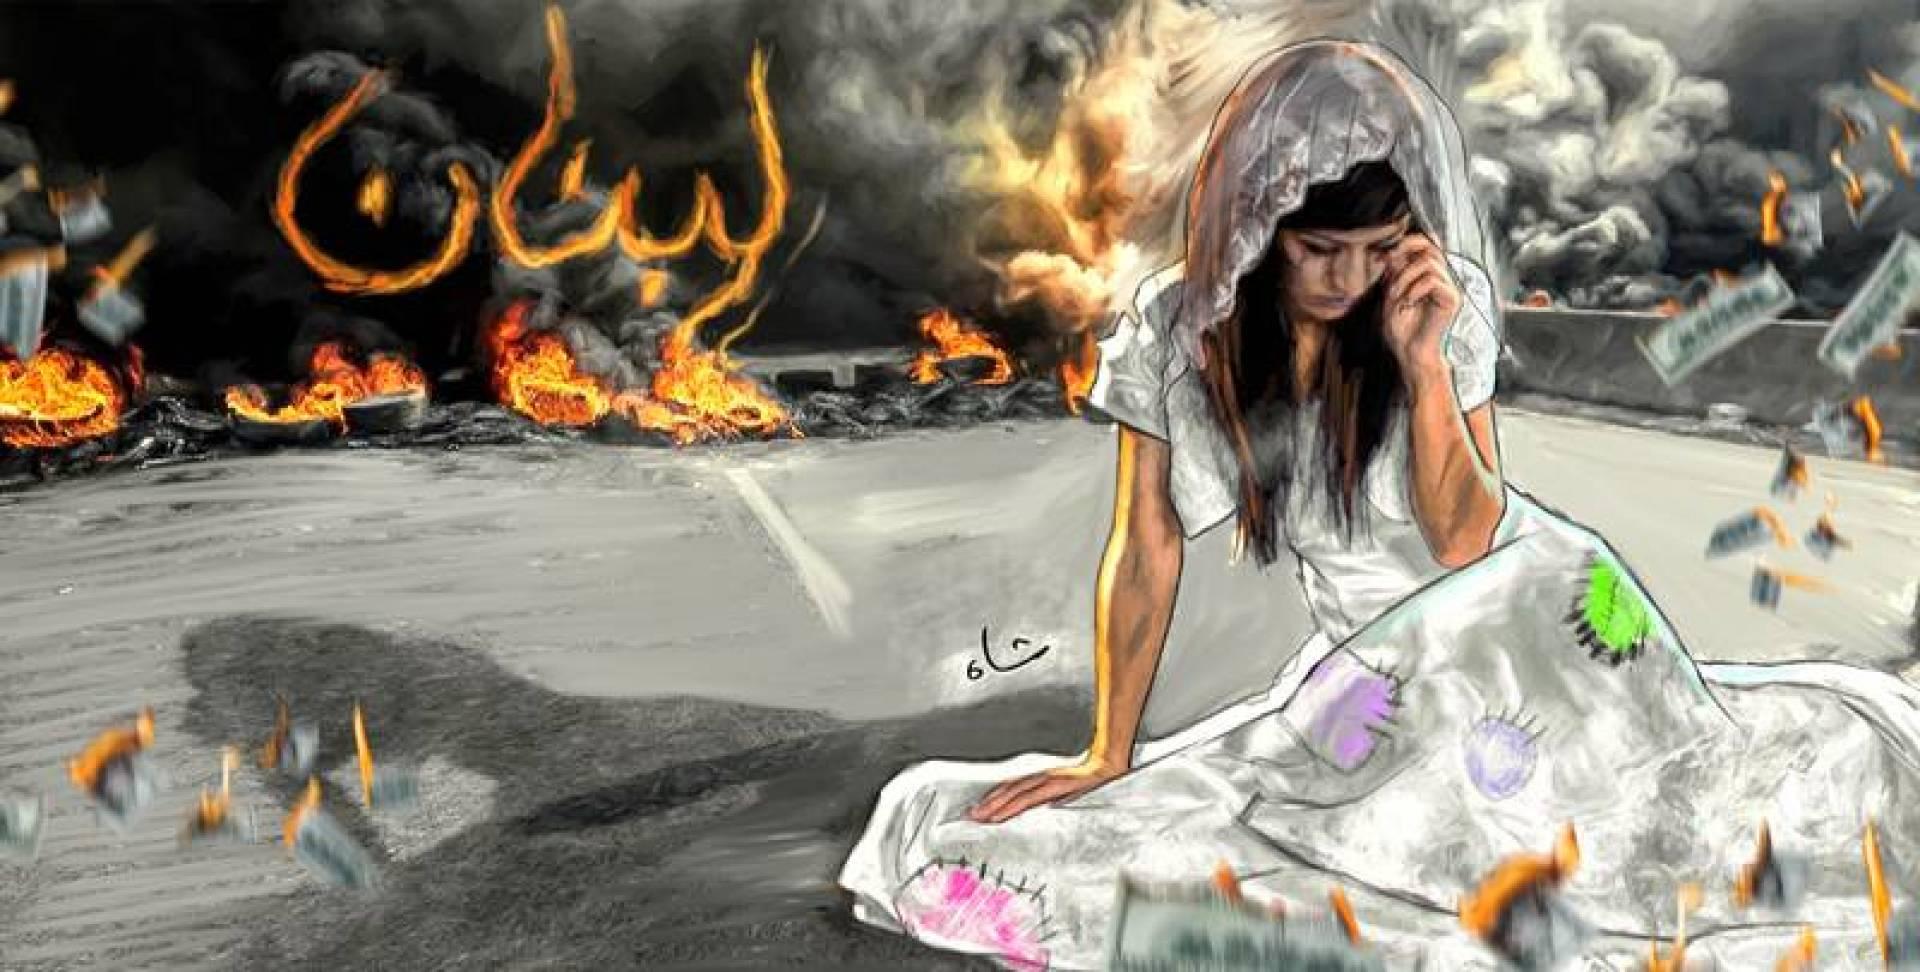 أهل لبنان مهدَّدون.. بالمجاعة!